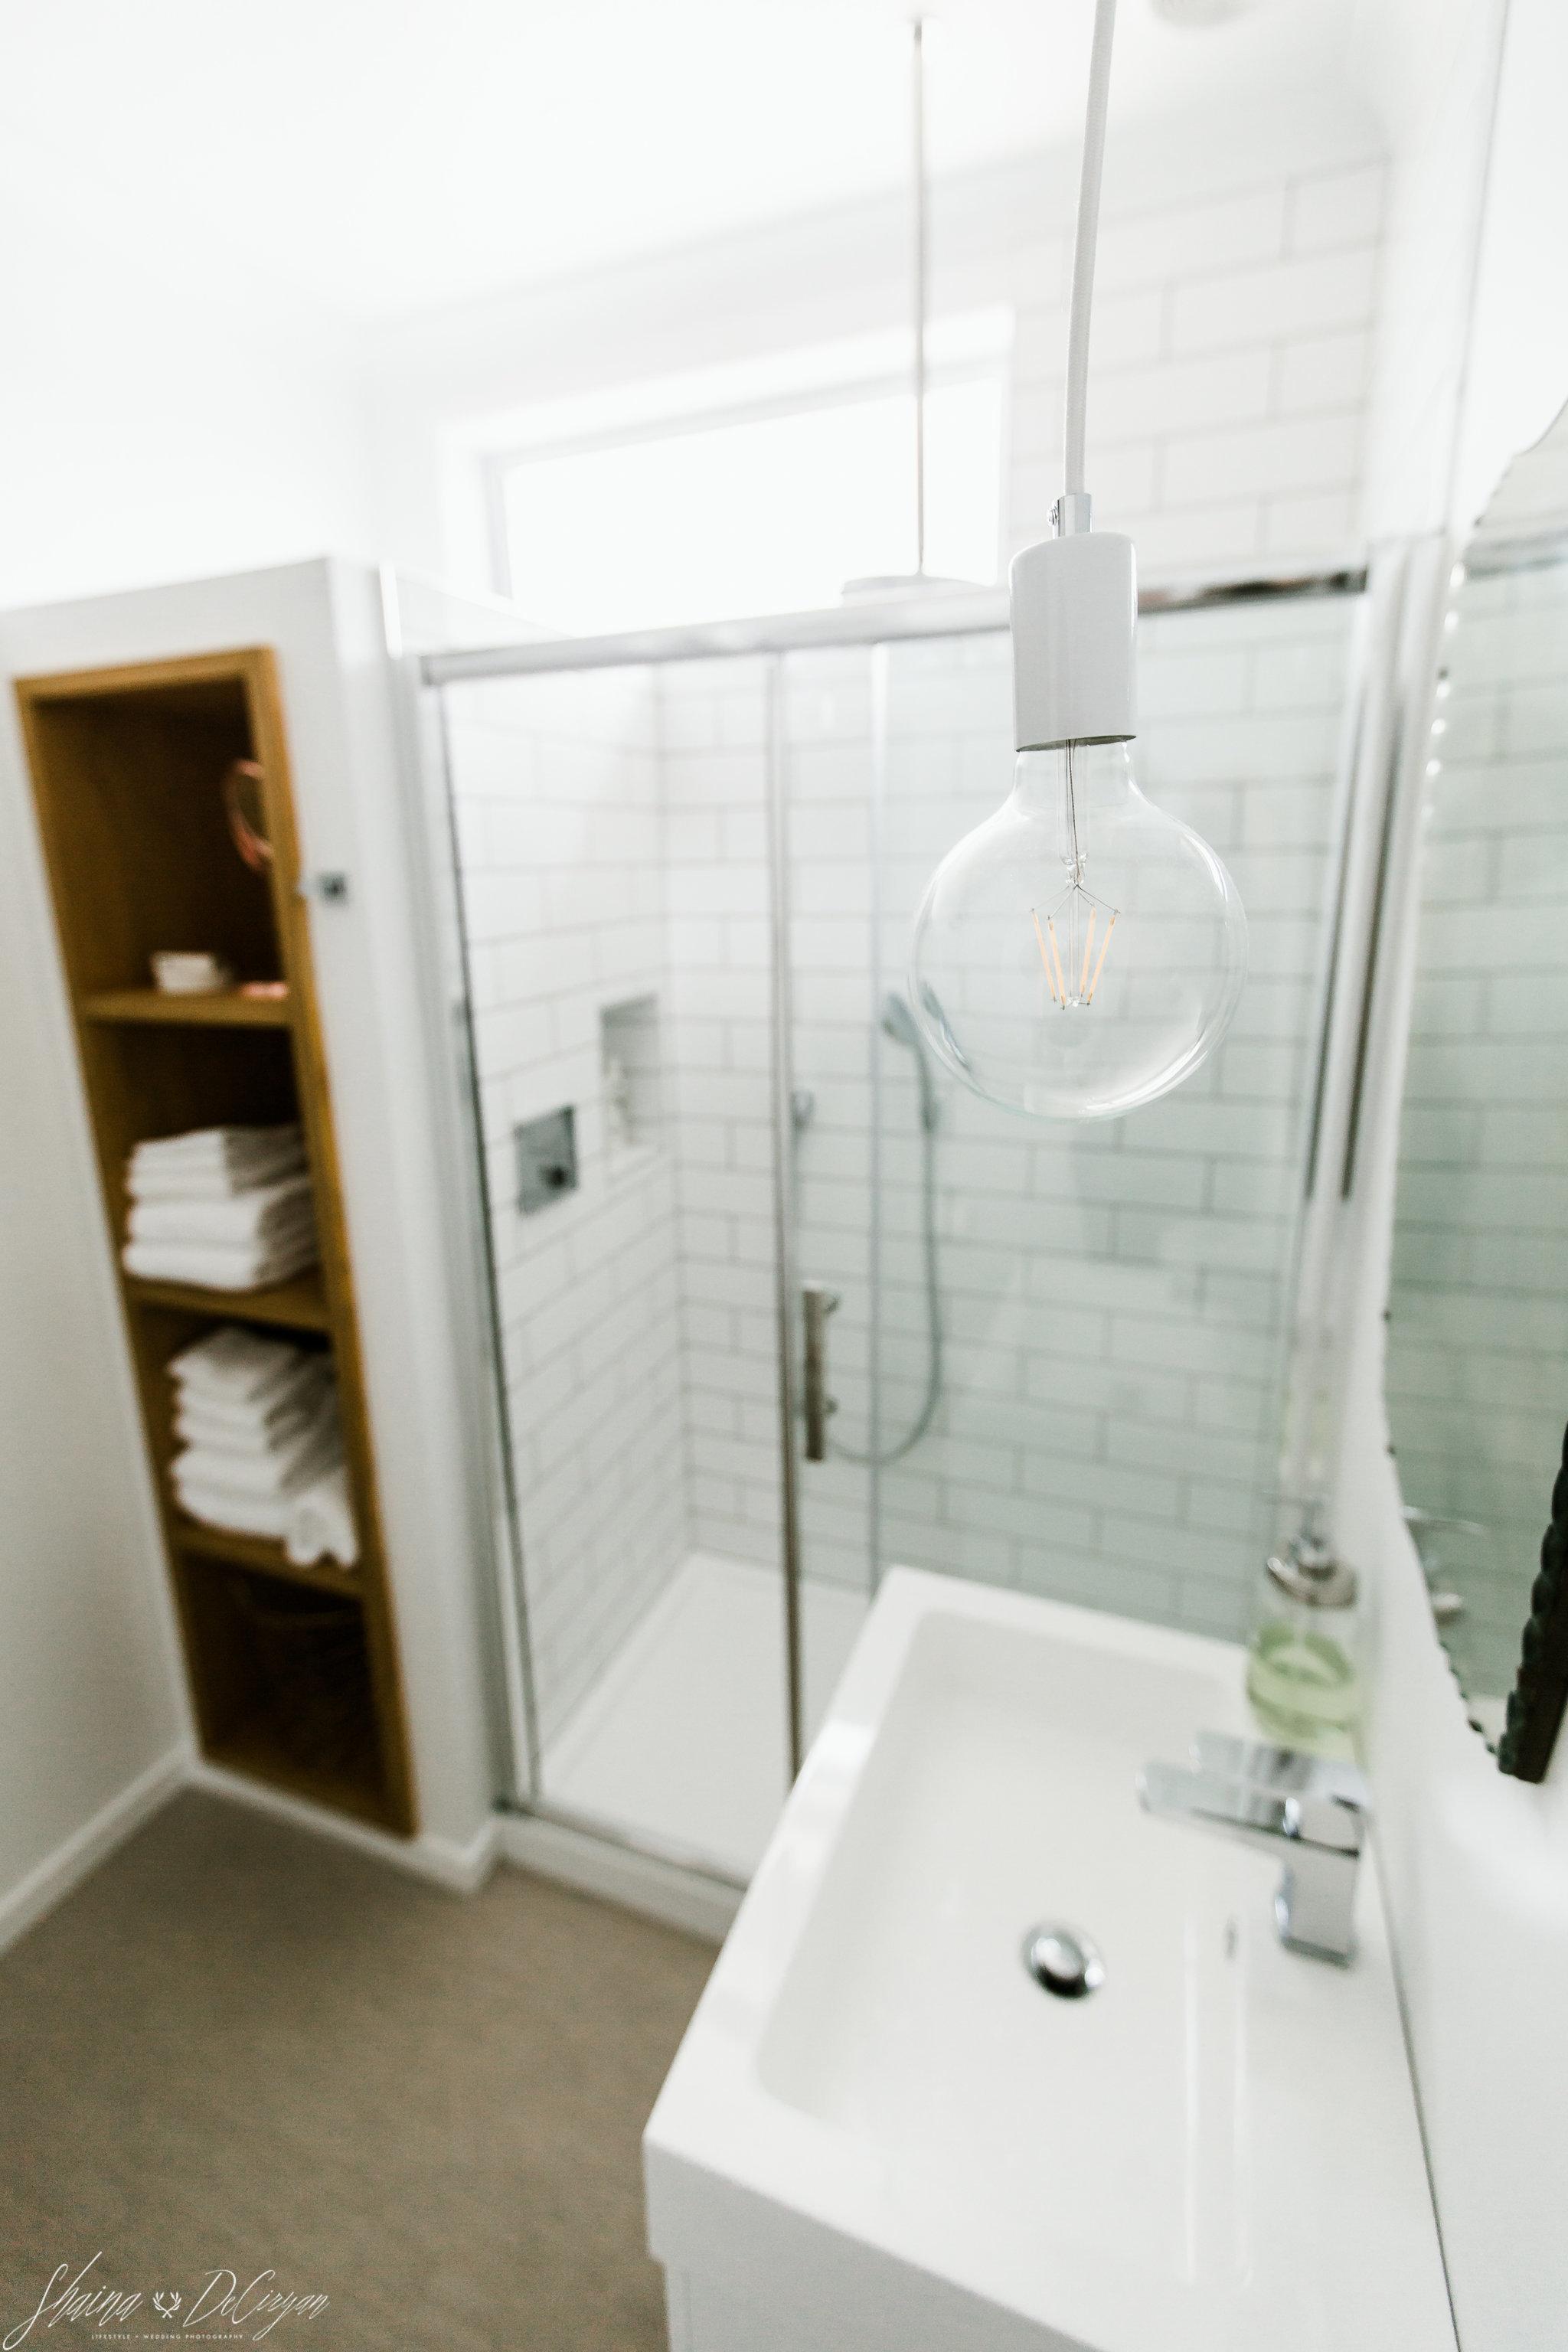 BathroomwithCopperDetailsWhiteSubwayTile-HeadmastersHouseatPortMolyneuxSchool7.jpg